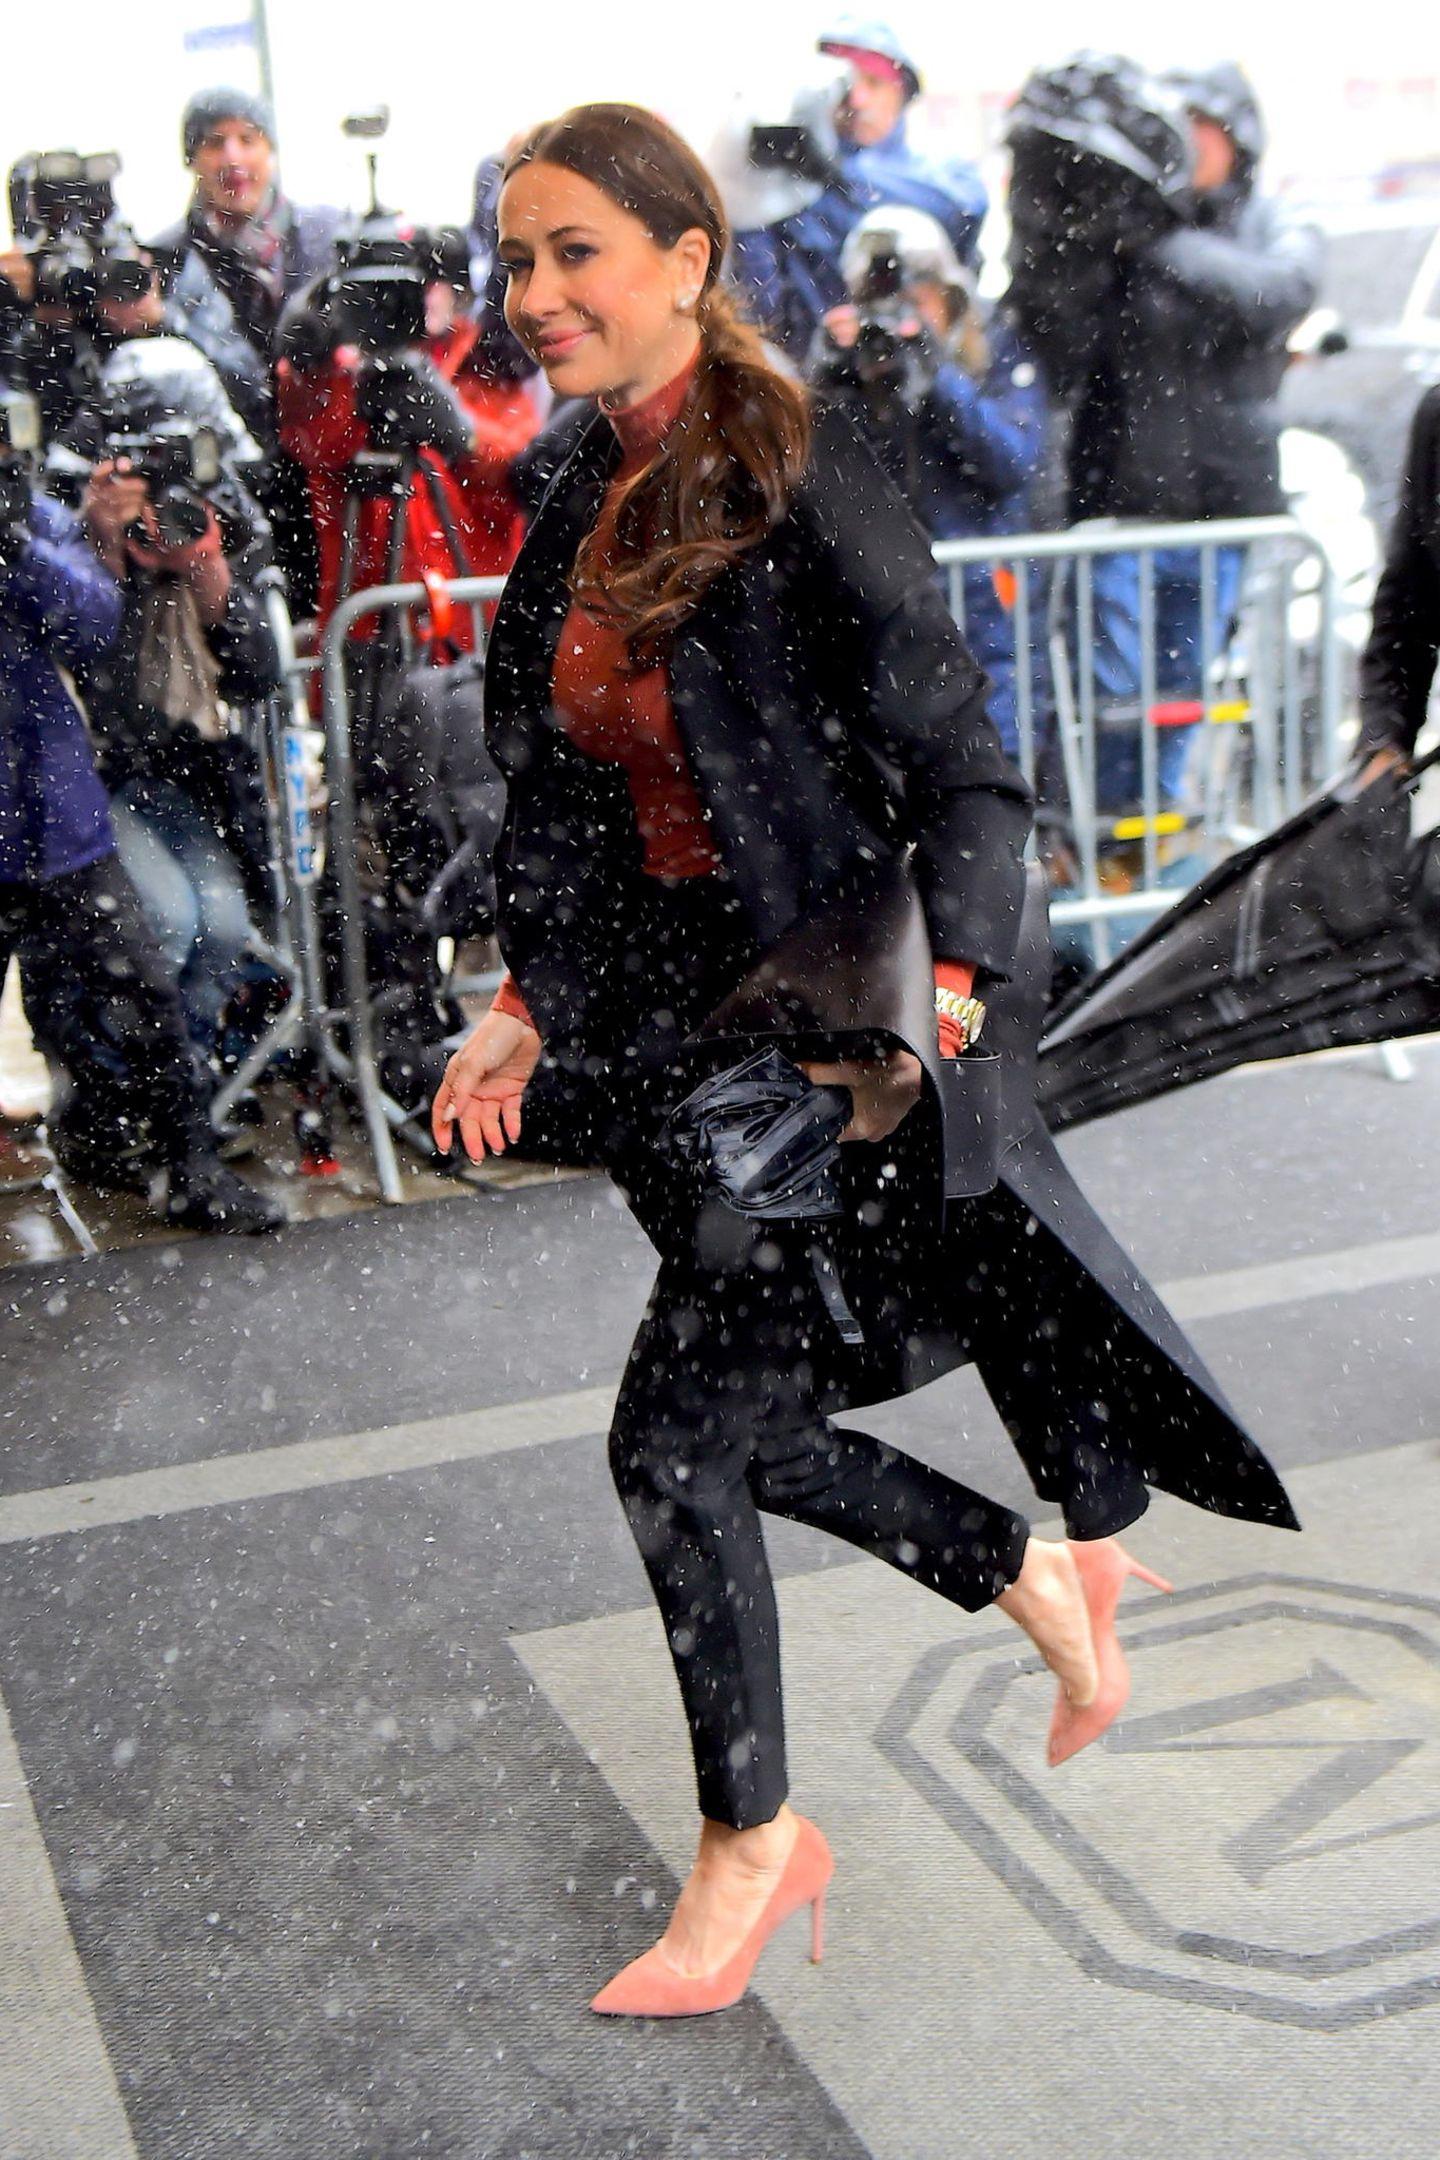 Auch Jessica Mulroney macht sich gut gelaunt auf den Weg zu ihrer Freundin. Die Stylistin soll hinter der ganzen Feier stecken und sich maßgeblich um die Organisation gekümmert haben.